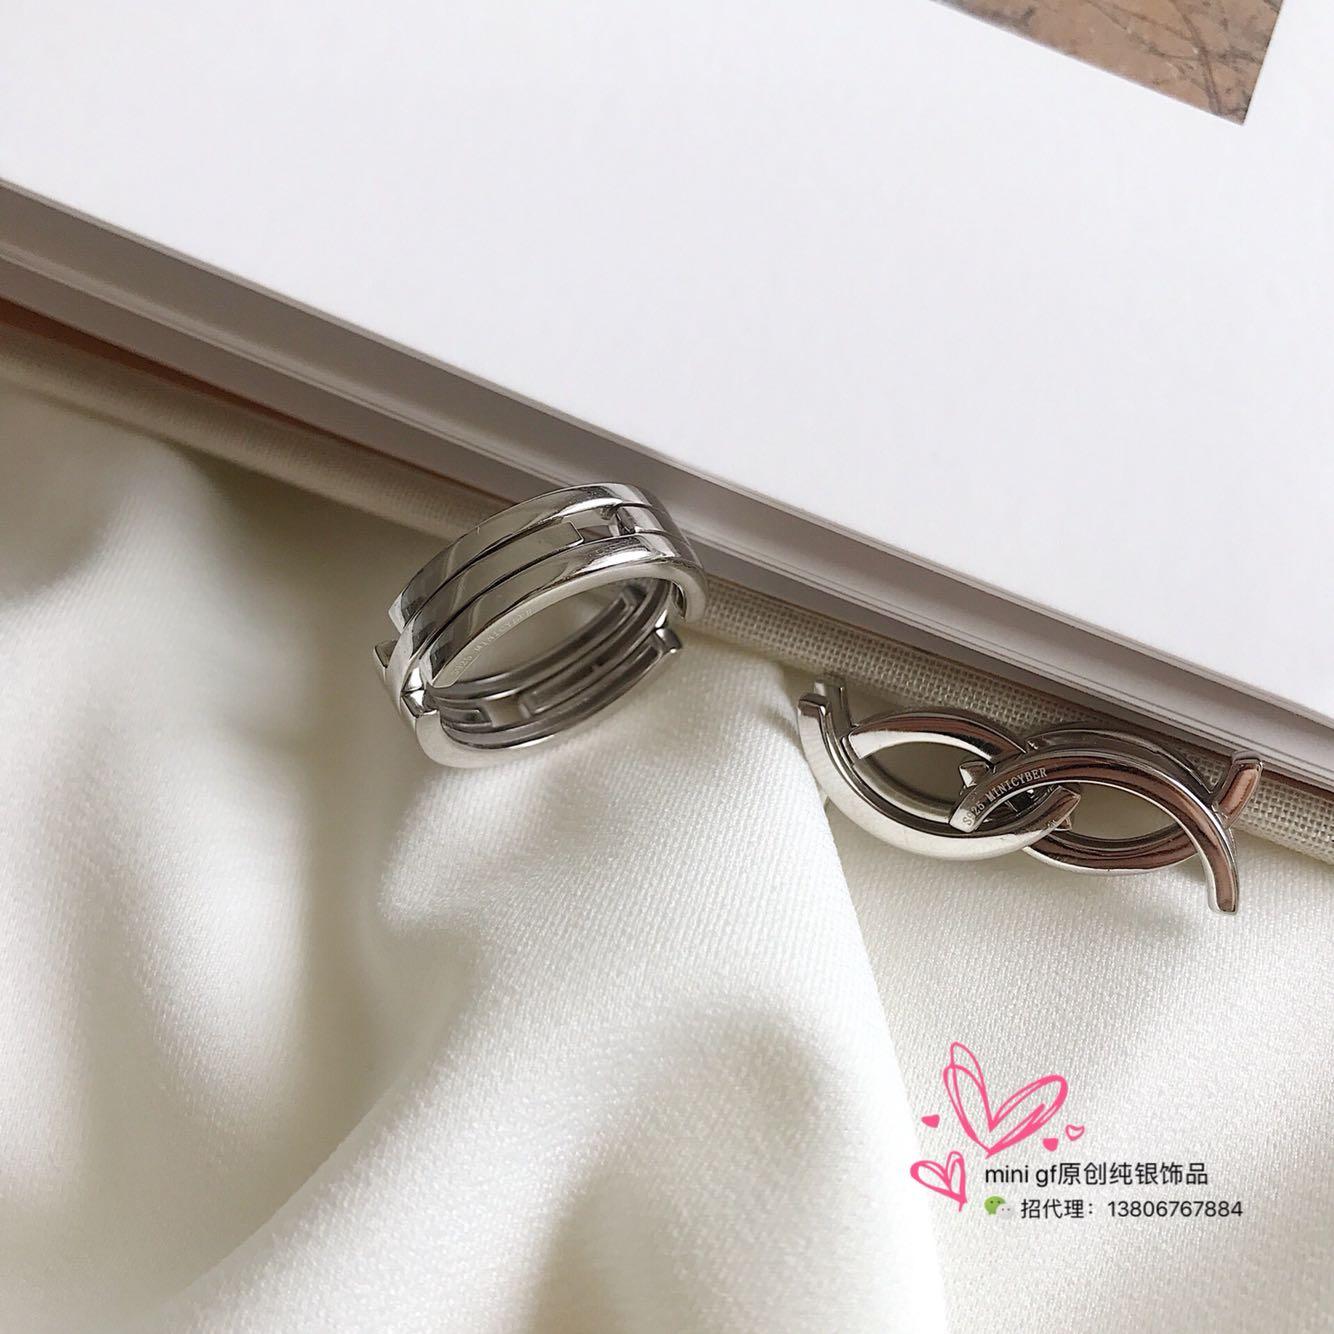 纯银可变形设计戒指指环时尚气质百搭冷淡风潮酷 G.f.925